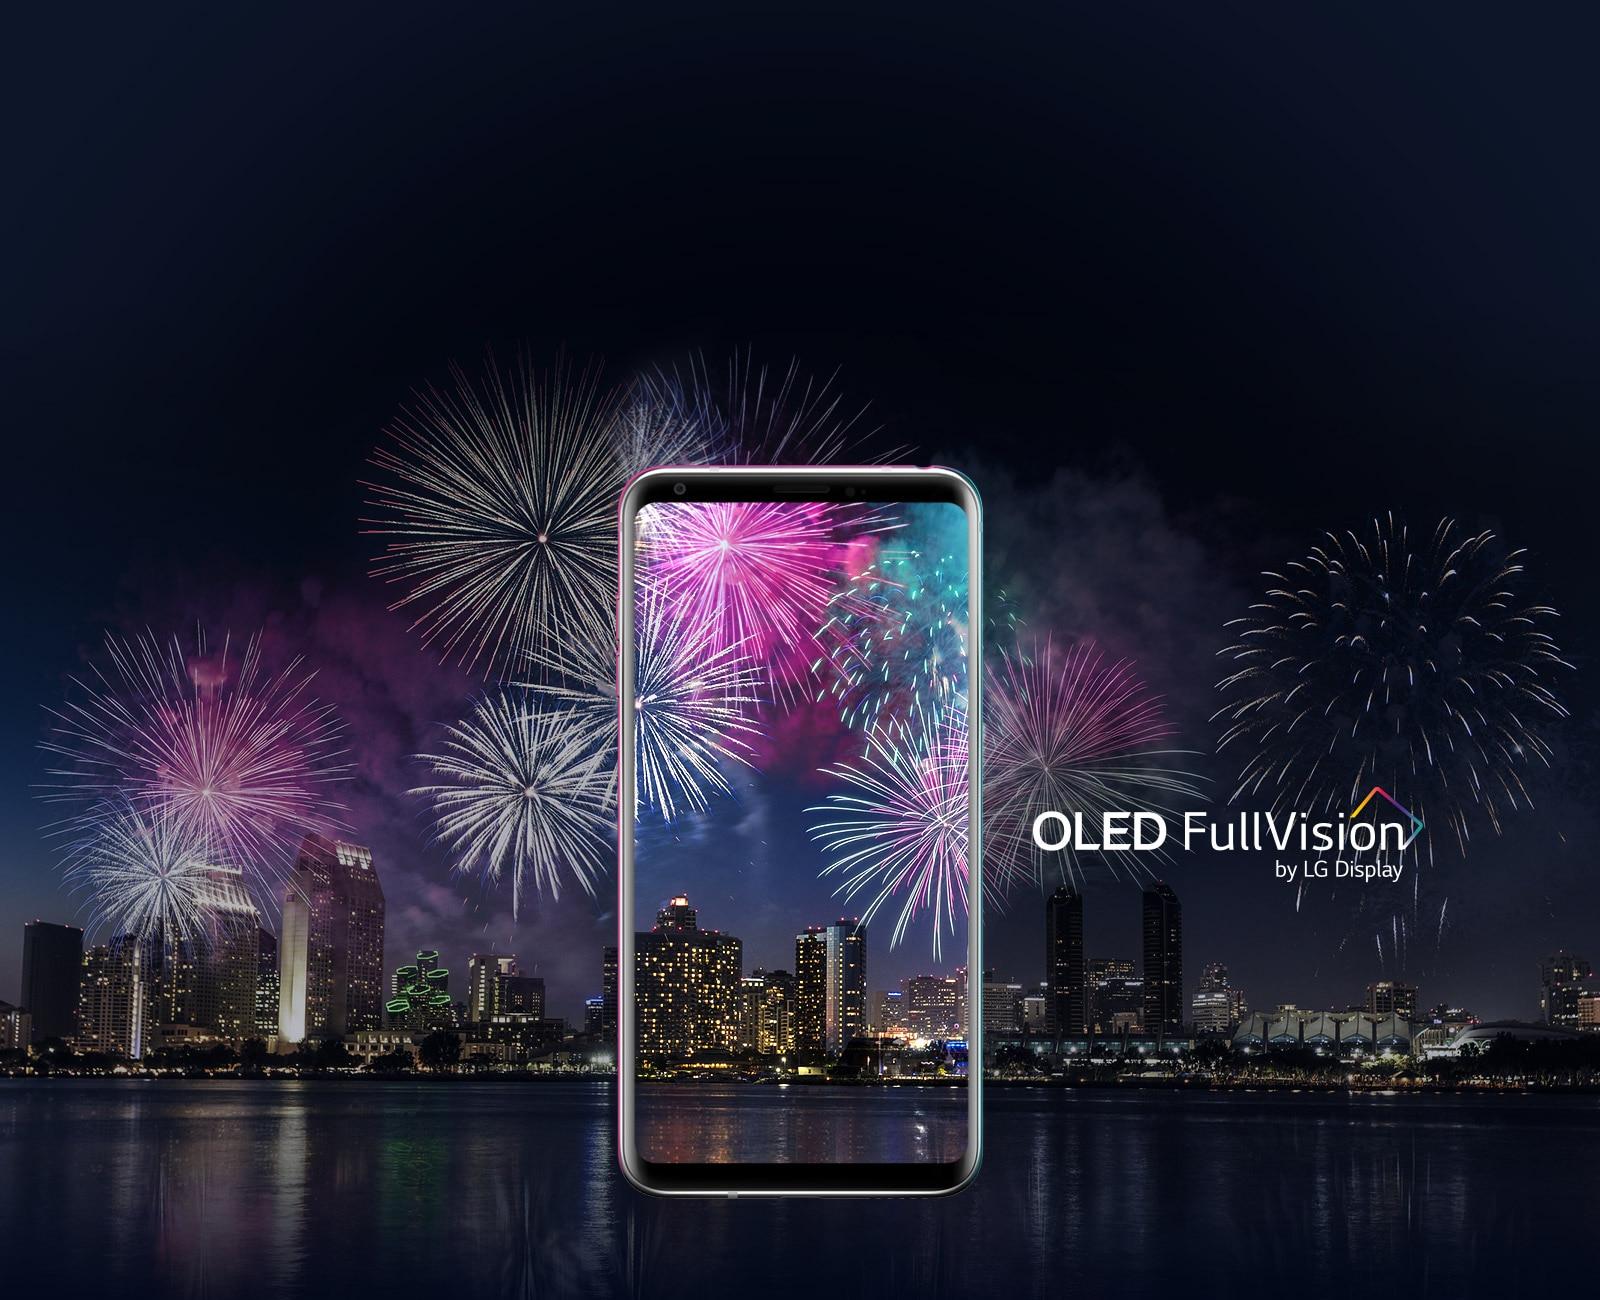 02_V30_Oled-fullvision-display_300817_D